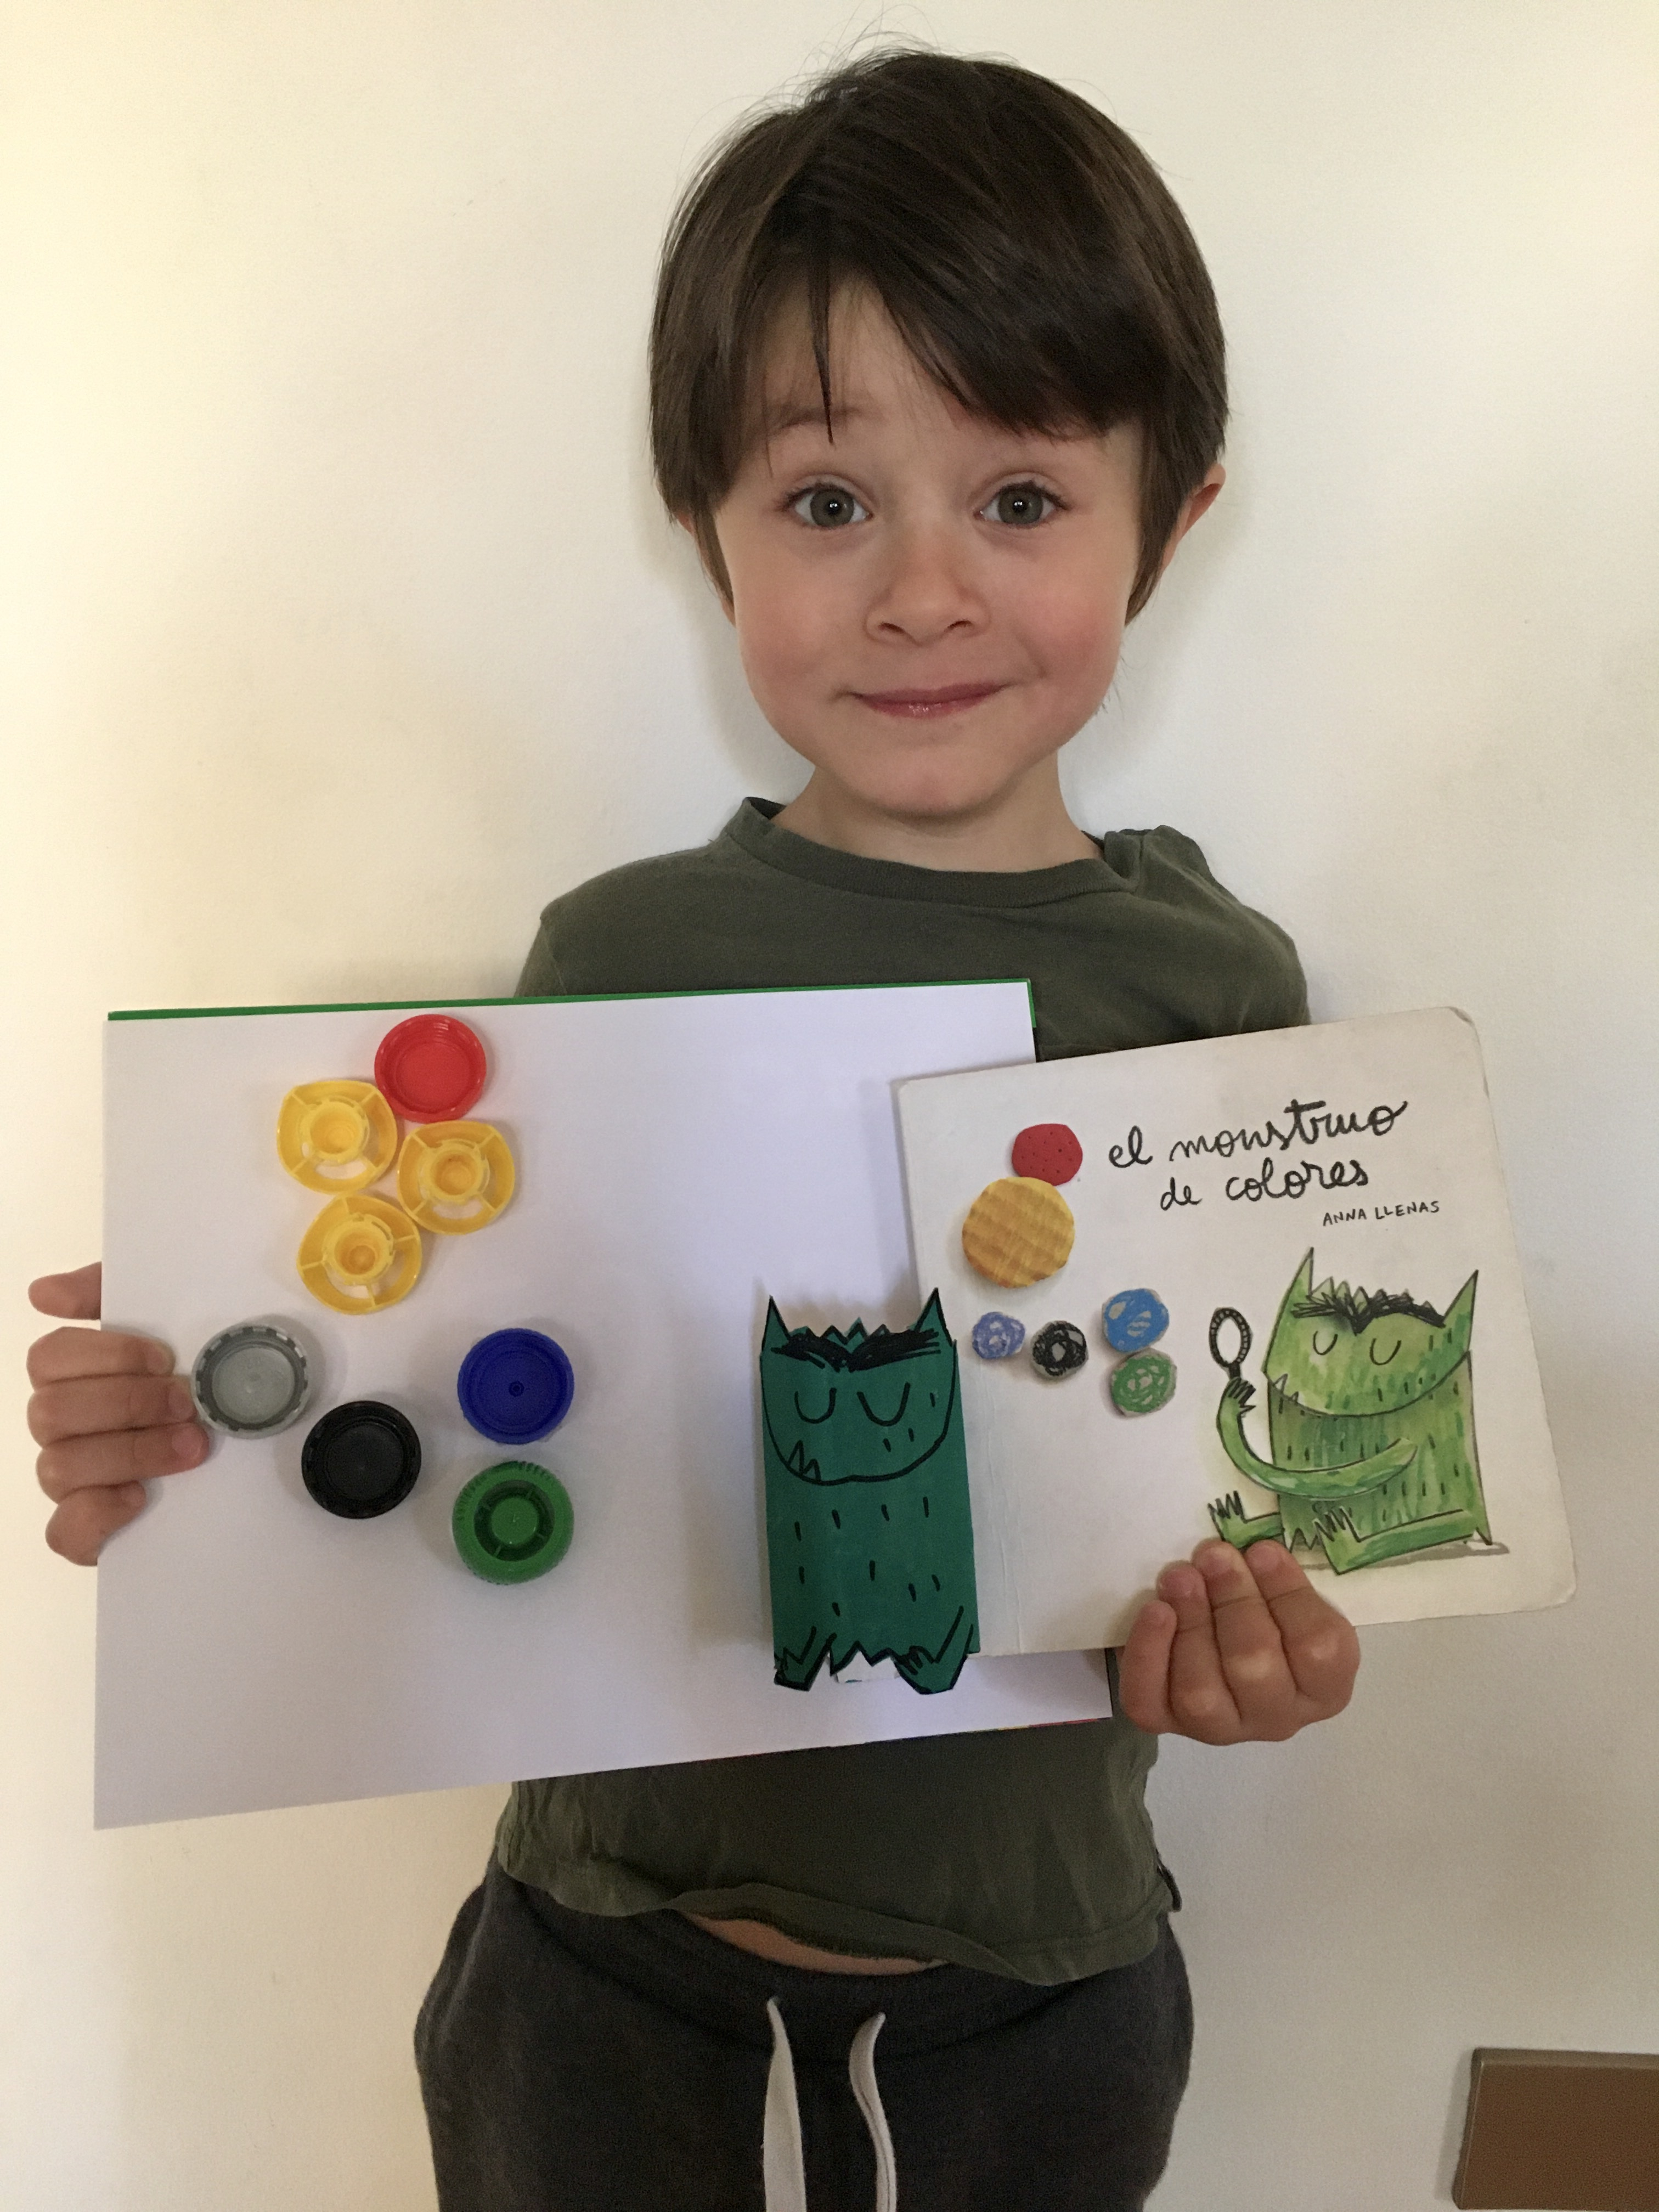 Lucas - PS3 - El monstruo de colores